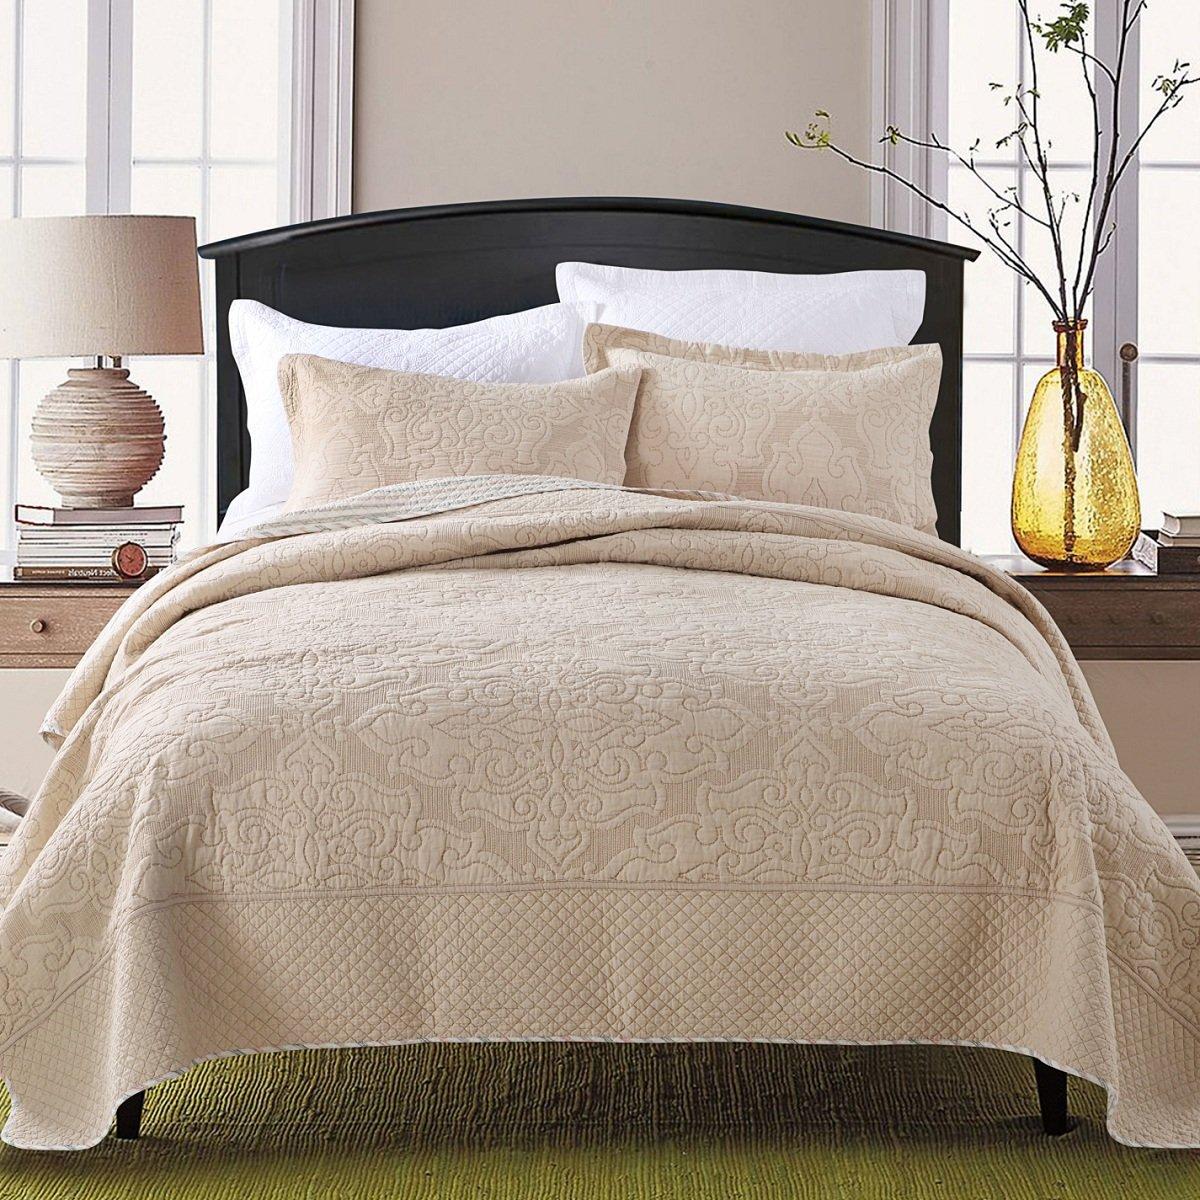 Bettwäscheset 3 Teilig aus 100% Baumwolle Umweltfreundlich Weich Steppdecke 230x250cm & 2 Kissenbezüge 48x74cm Sommer Bettwaren (Beige)